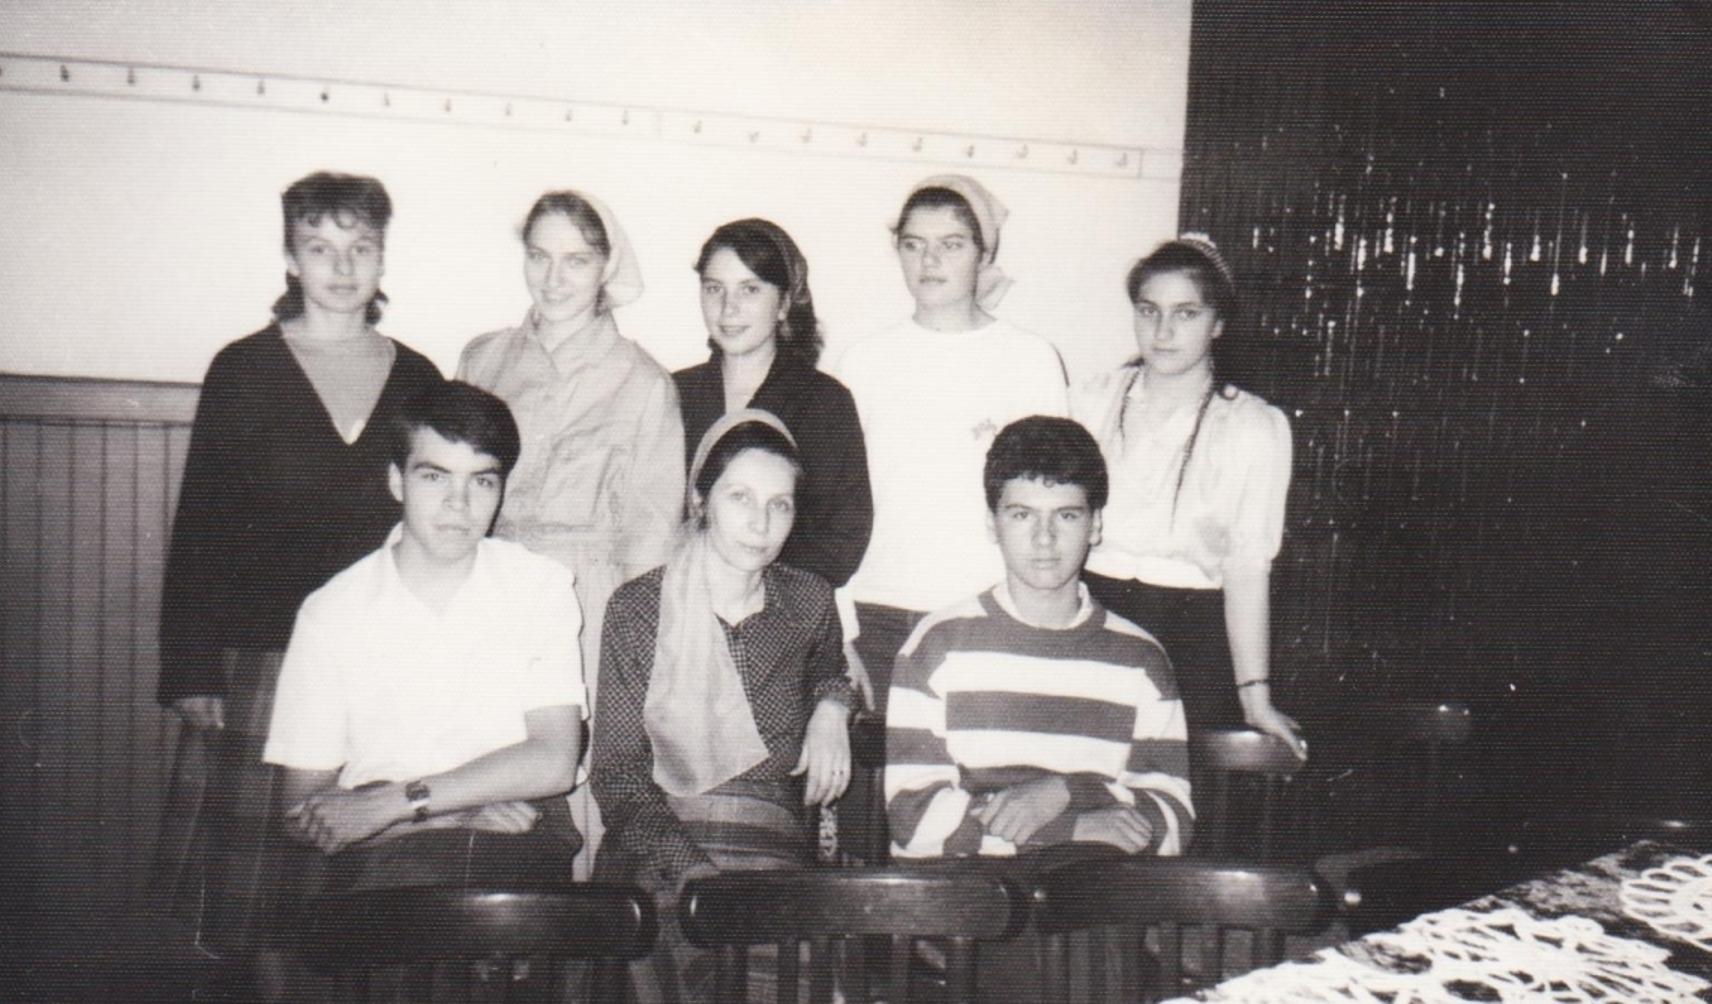 SIMONA CIUCUR CU TINERI DIN VECHEA BISERICA CRESTINA DUPA EVANGHELIE DRAGOS VODA BUCURESTI 1990